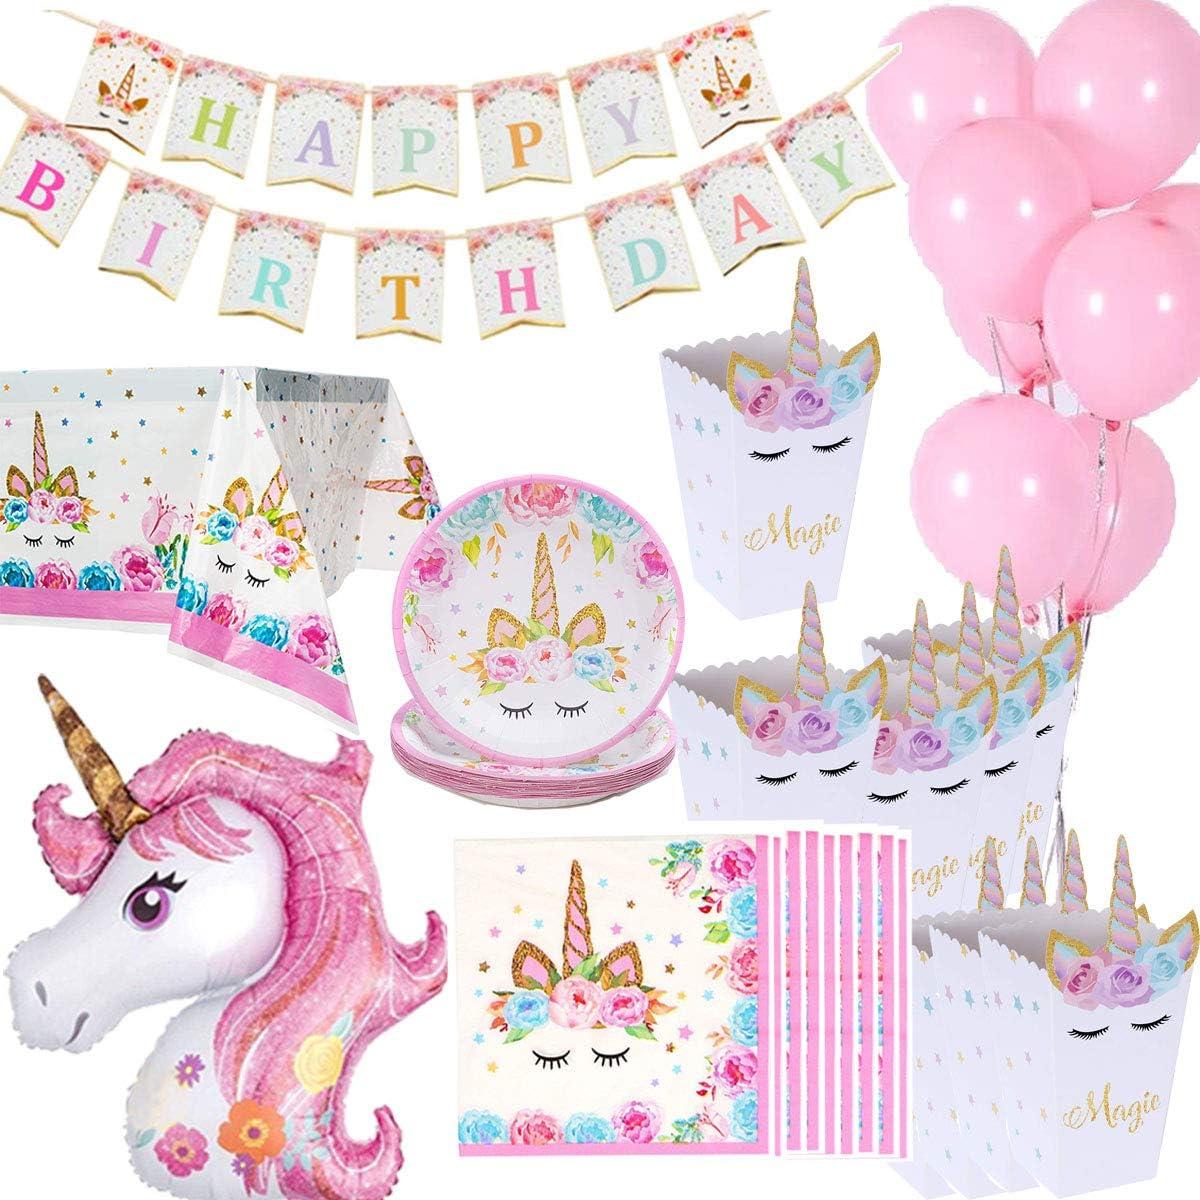 Decoraciones De Cumpleaños Unicornio Vajilla, 16 cajas de palomitas de maíz, 16 platos, 16 servilletas, 1 mantel, 1 pancarta de feliz cumpleaños, 1 unicornio de gran tamaño, 10 globos rosados: Amazon.es: Juguetes y juegos